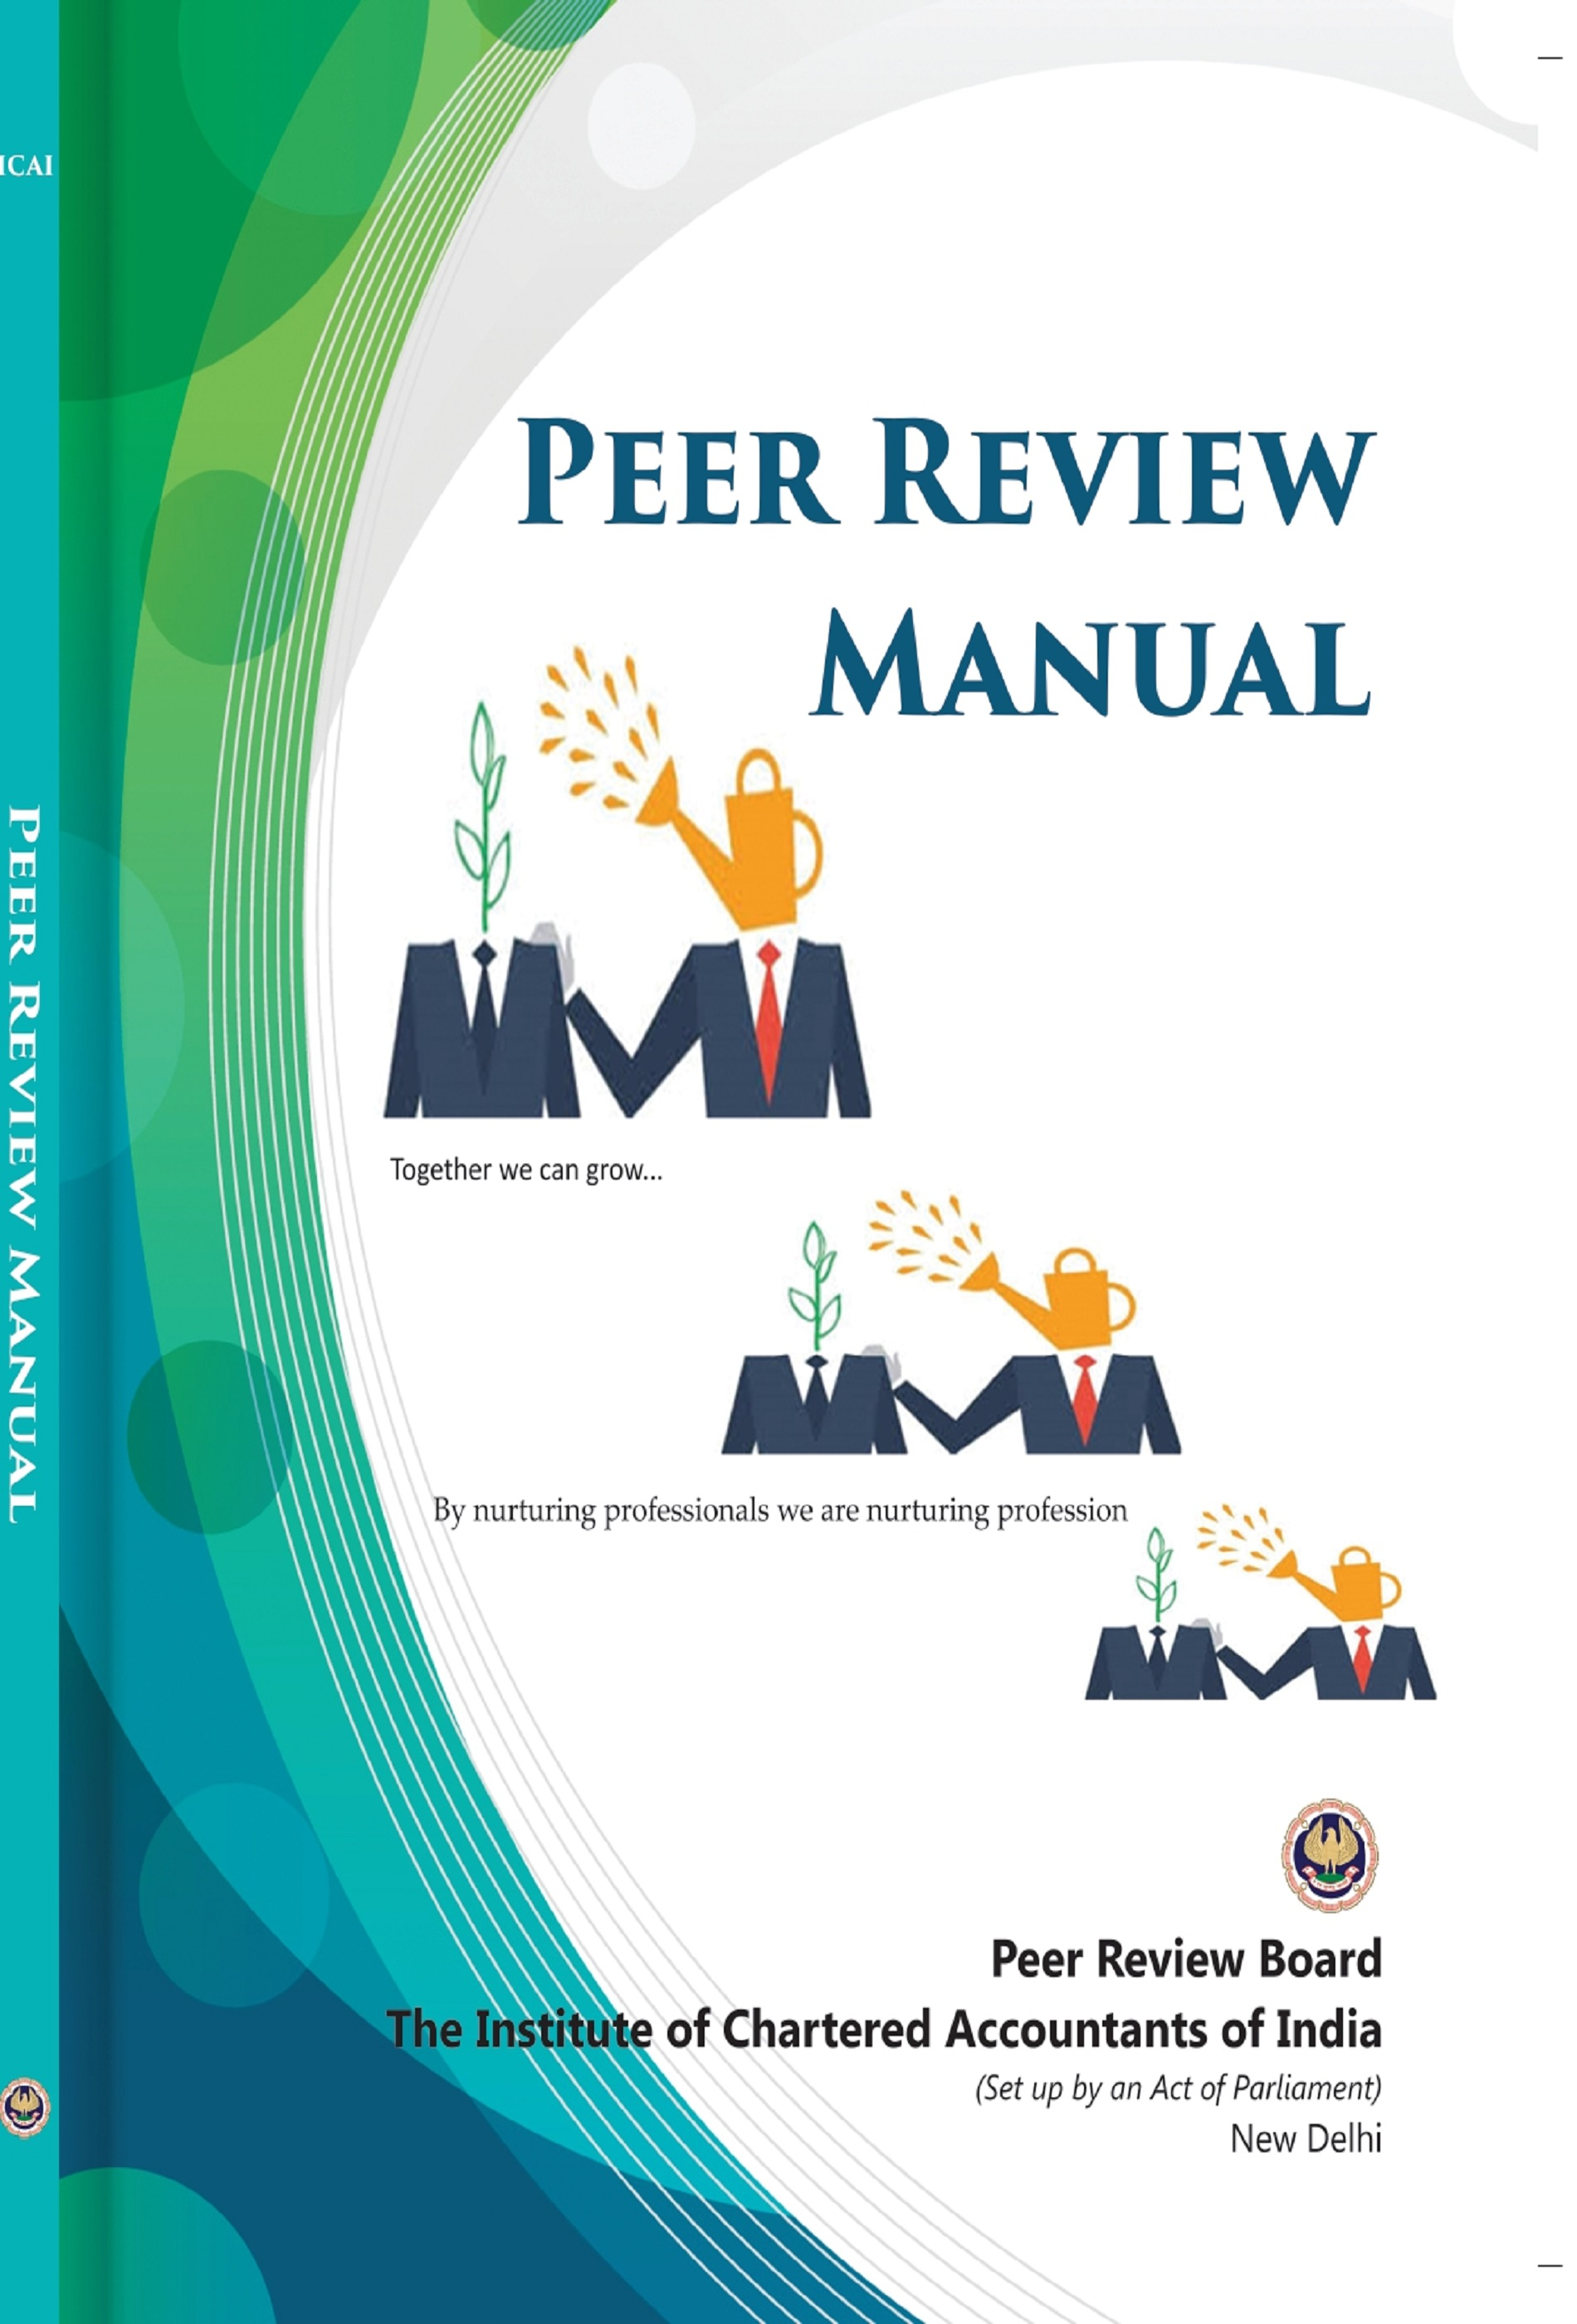 Peer Review Manual (Edition June, 2020)